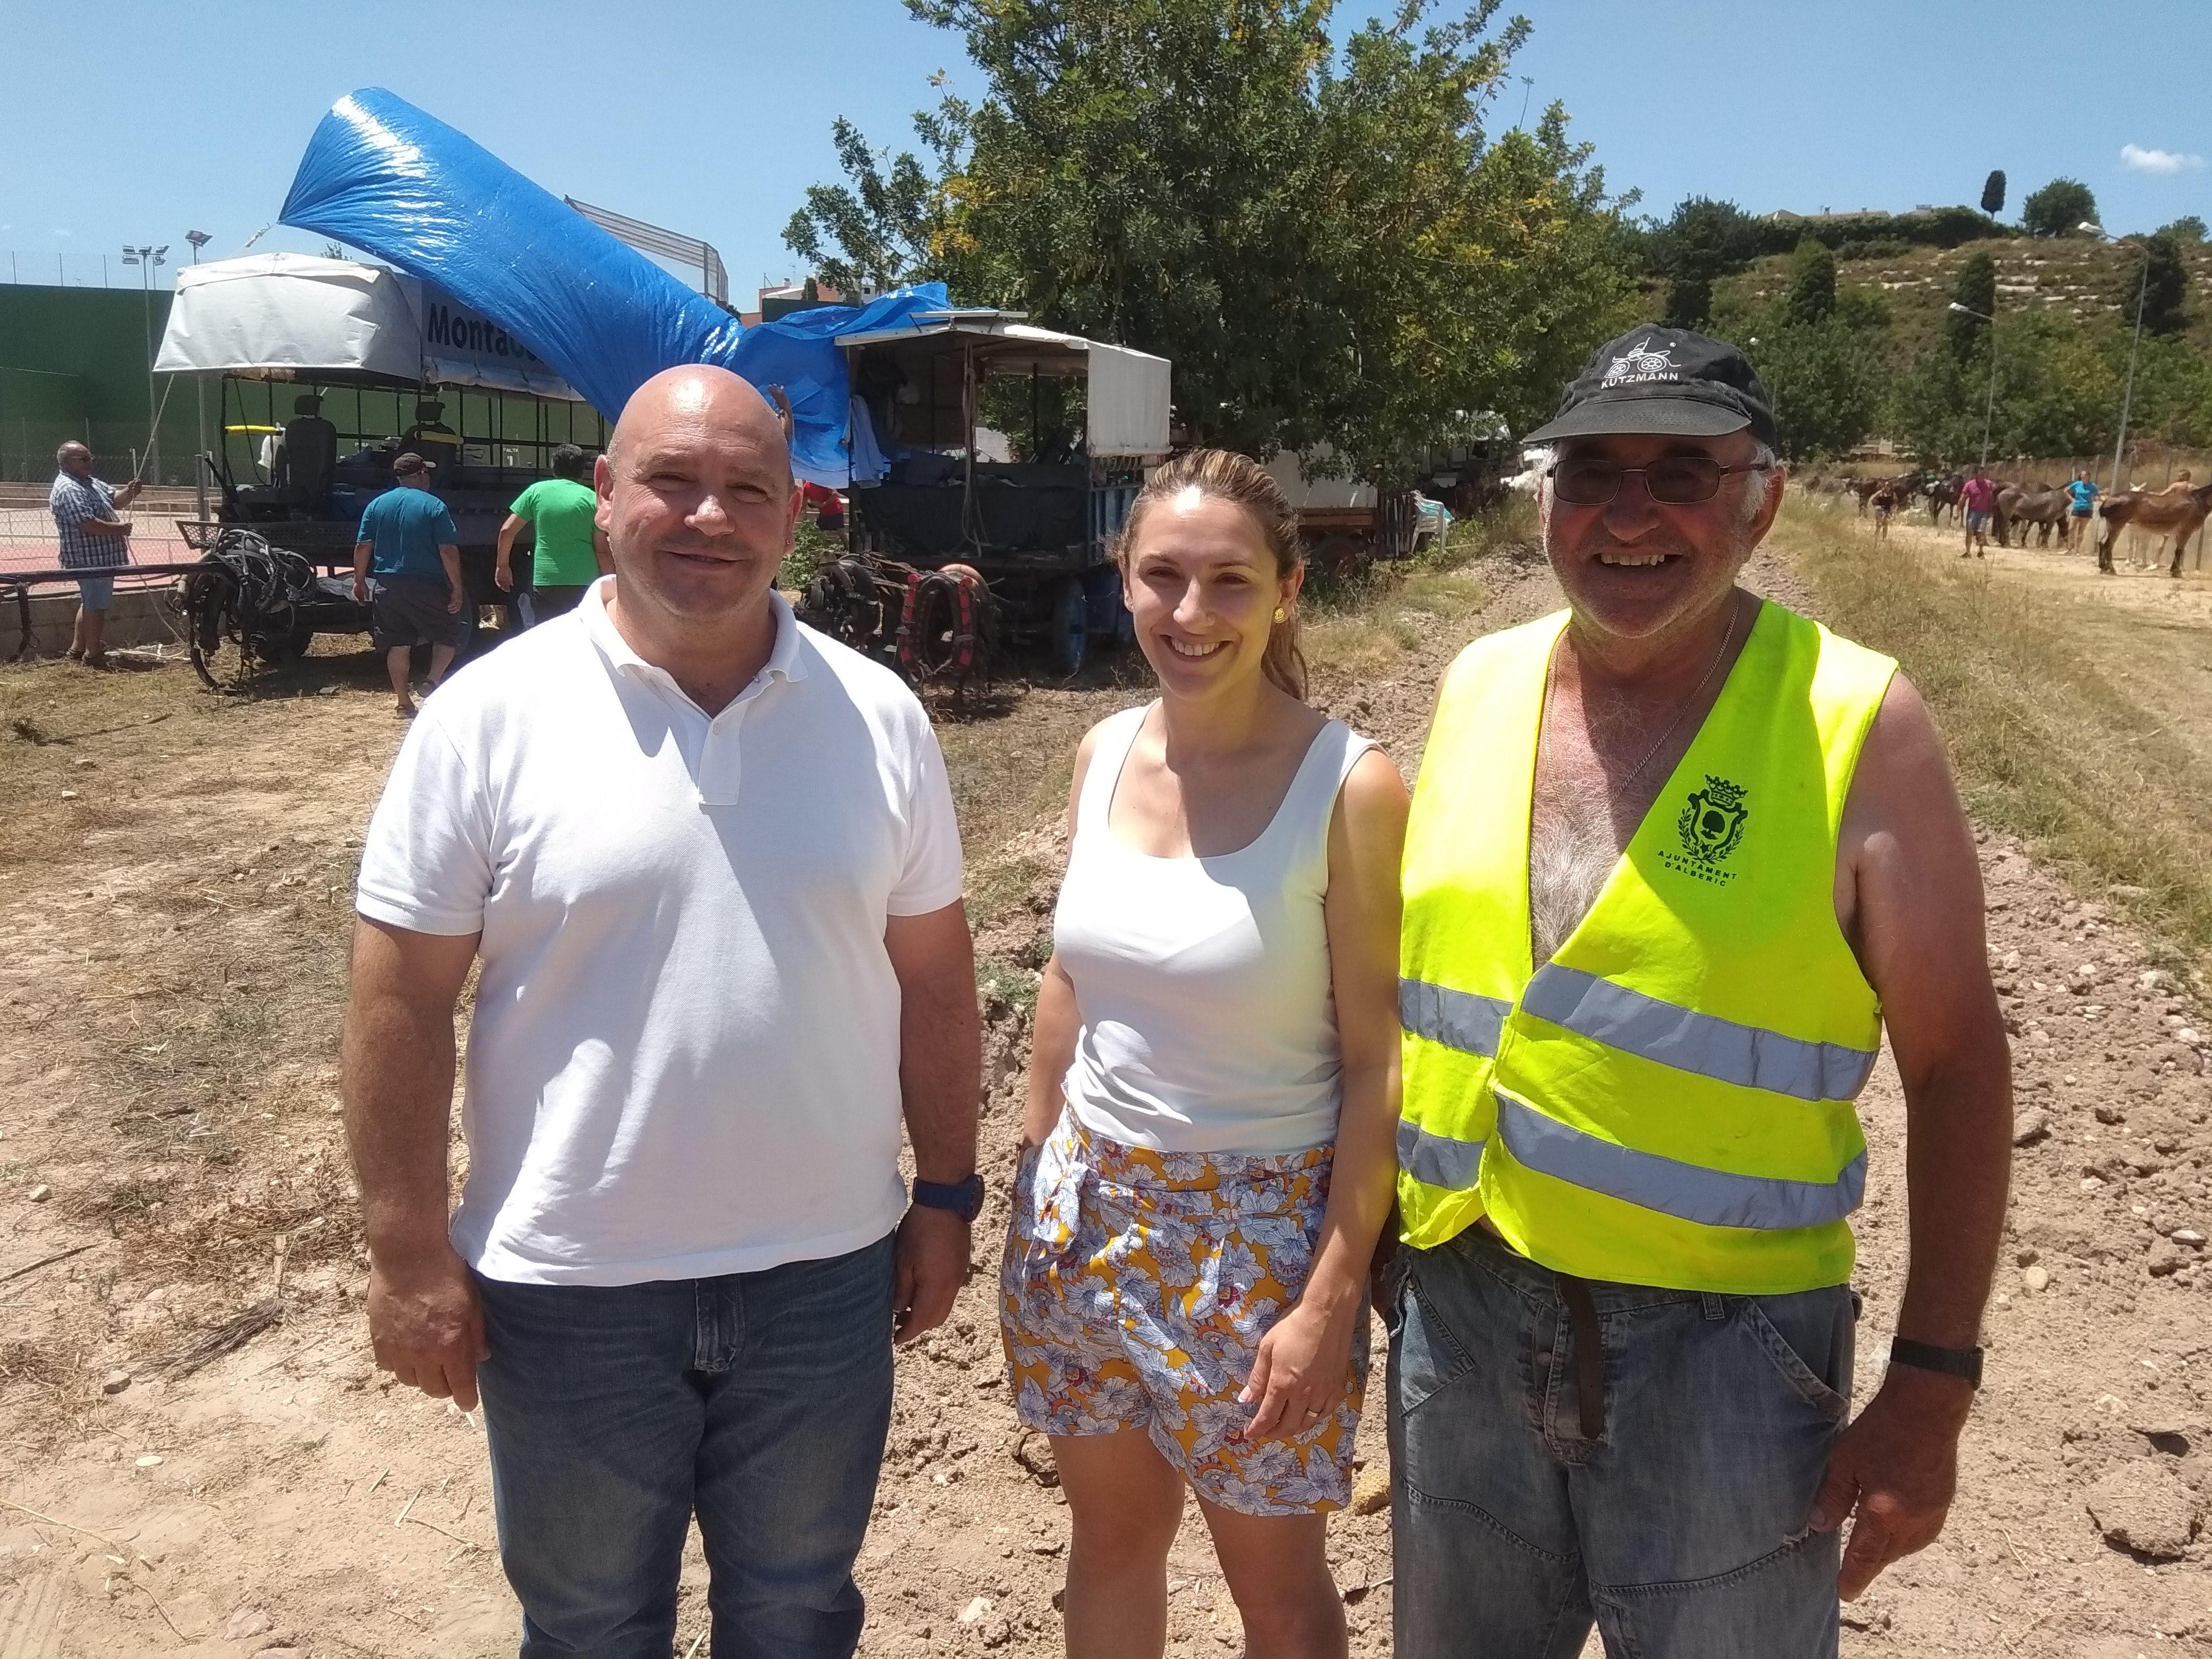 El Alcalde de Turís, Eugenio Fortaña, y la Concejala de Cultura, Isabel Guaita, han recibido la expedición que durante estos días está realizando la Vuelta en Carro a la Comunidad Valenciana.